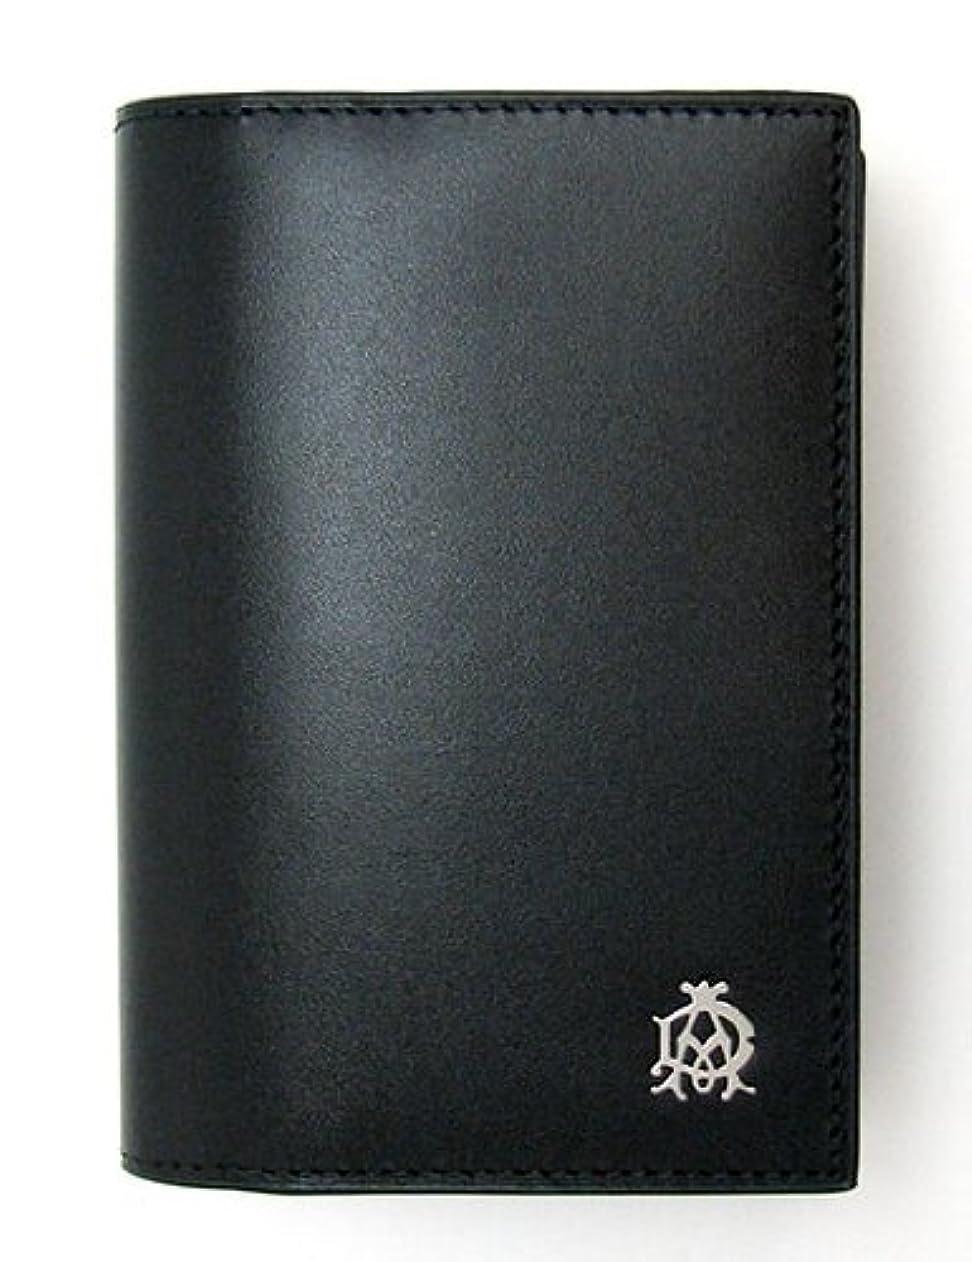 前述のシャット換気する[ダンヒル] L2R347A 財布 Wessex カードケース カーフスキン ブラック